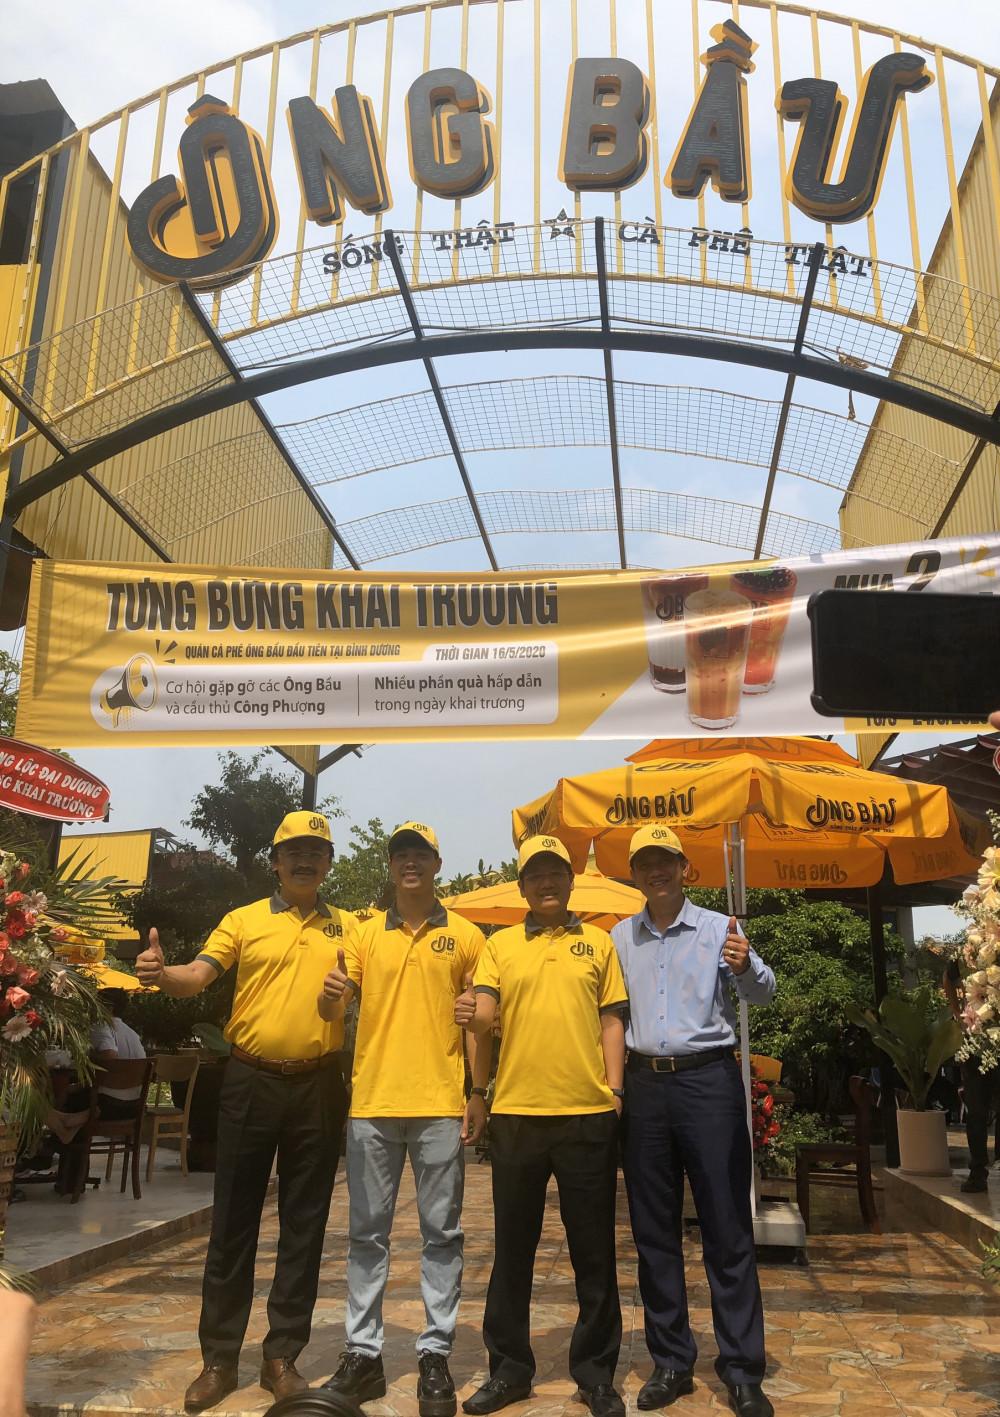 Các ông bầu và cầu thủ Công Phượng đến chung vui cùng anh Nguyễn Ngọc Sang nhân ngày khai trương quán Ông Bầu Bình Dương. Ảnh: Cà phê Ông Bầu cung cấp